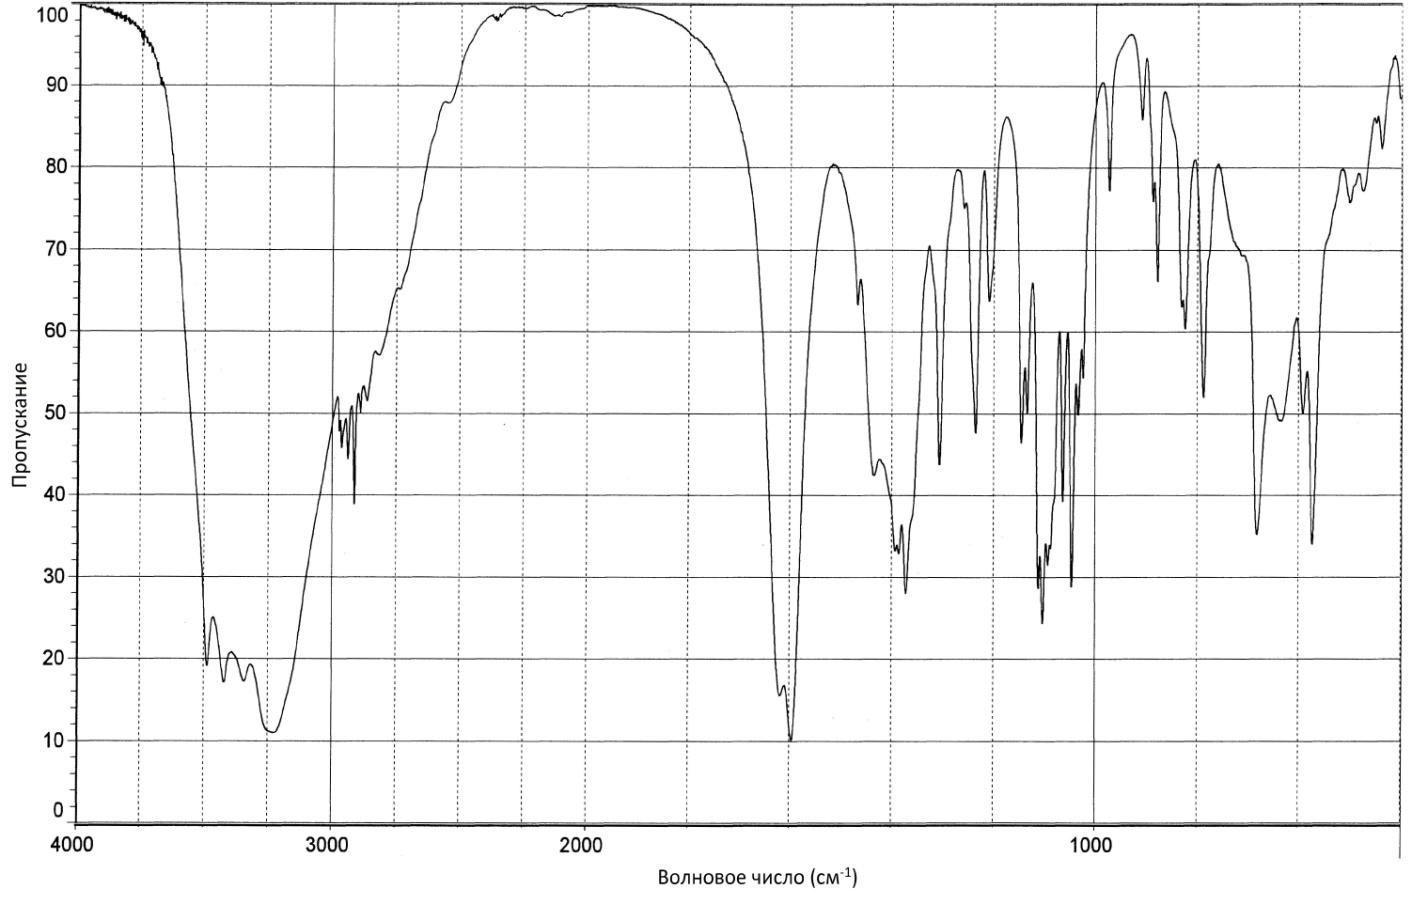 Кальция глюконат ИК-спектр